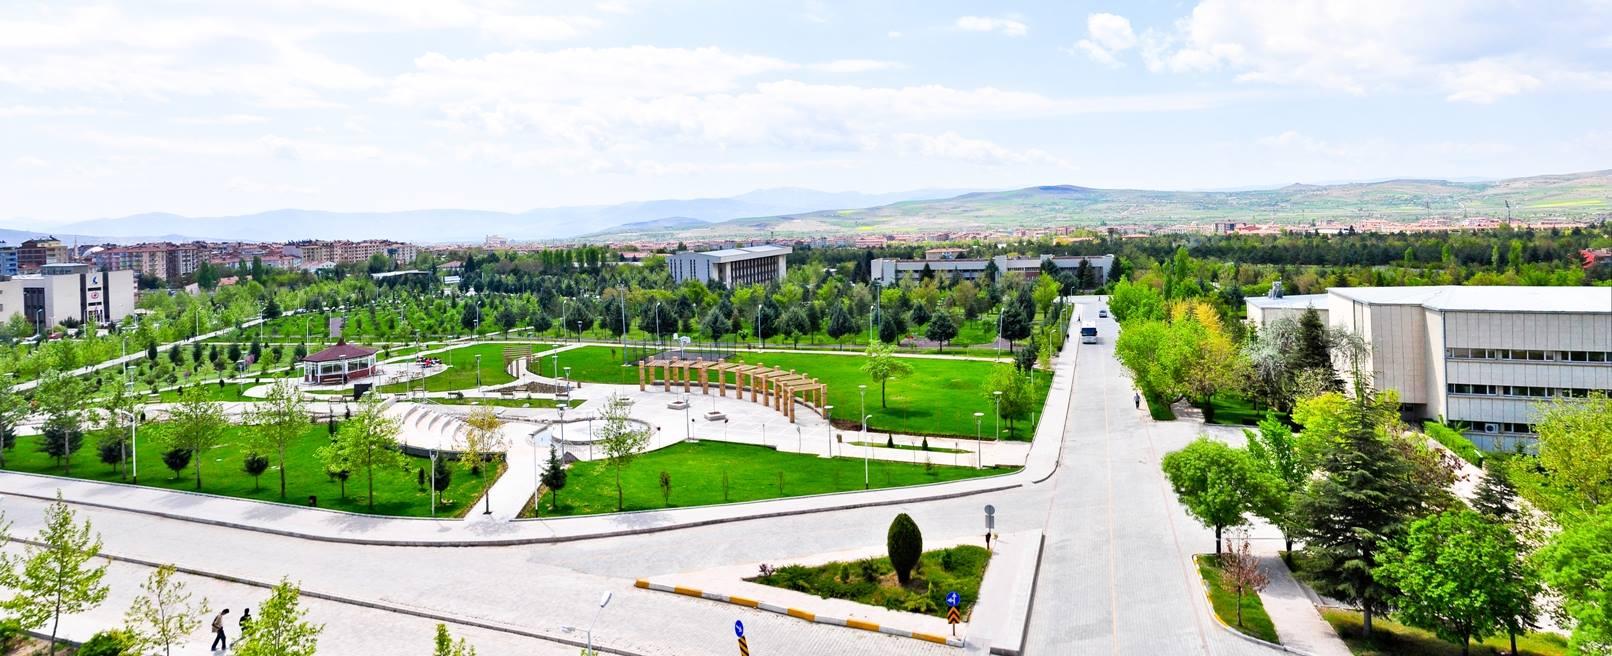 Fırat Üniversitesi 2018 Taban Puanları ve Başarı Sıralamaları